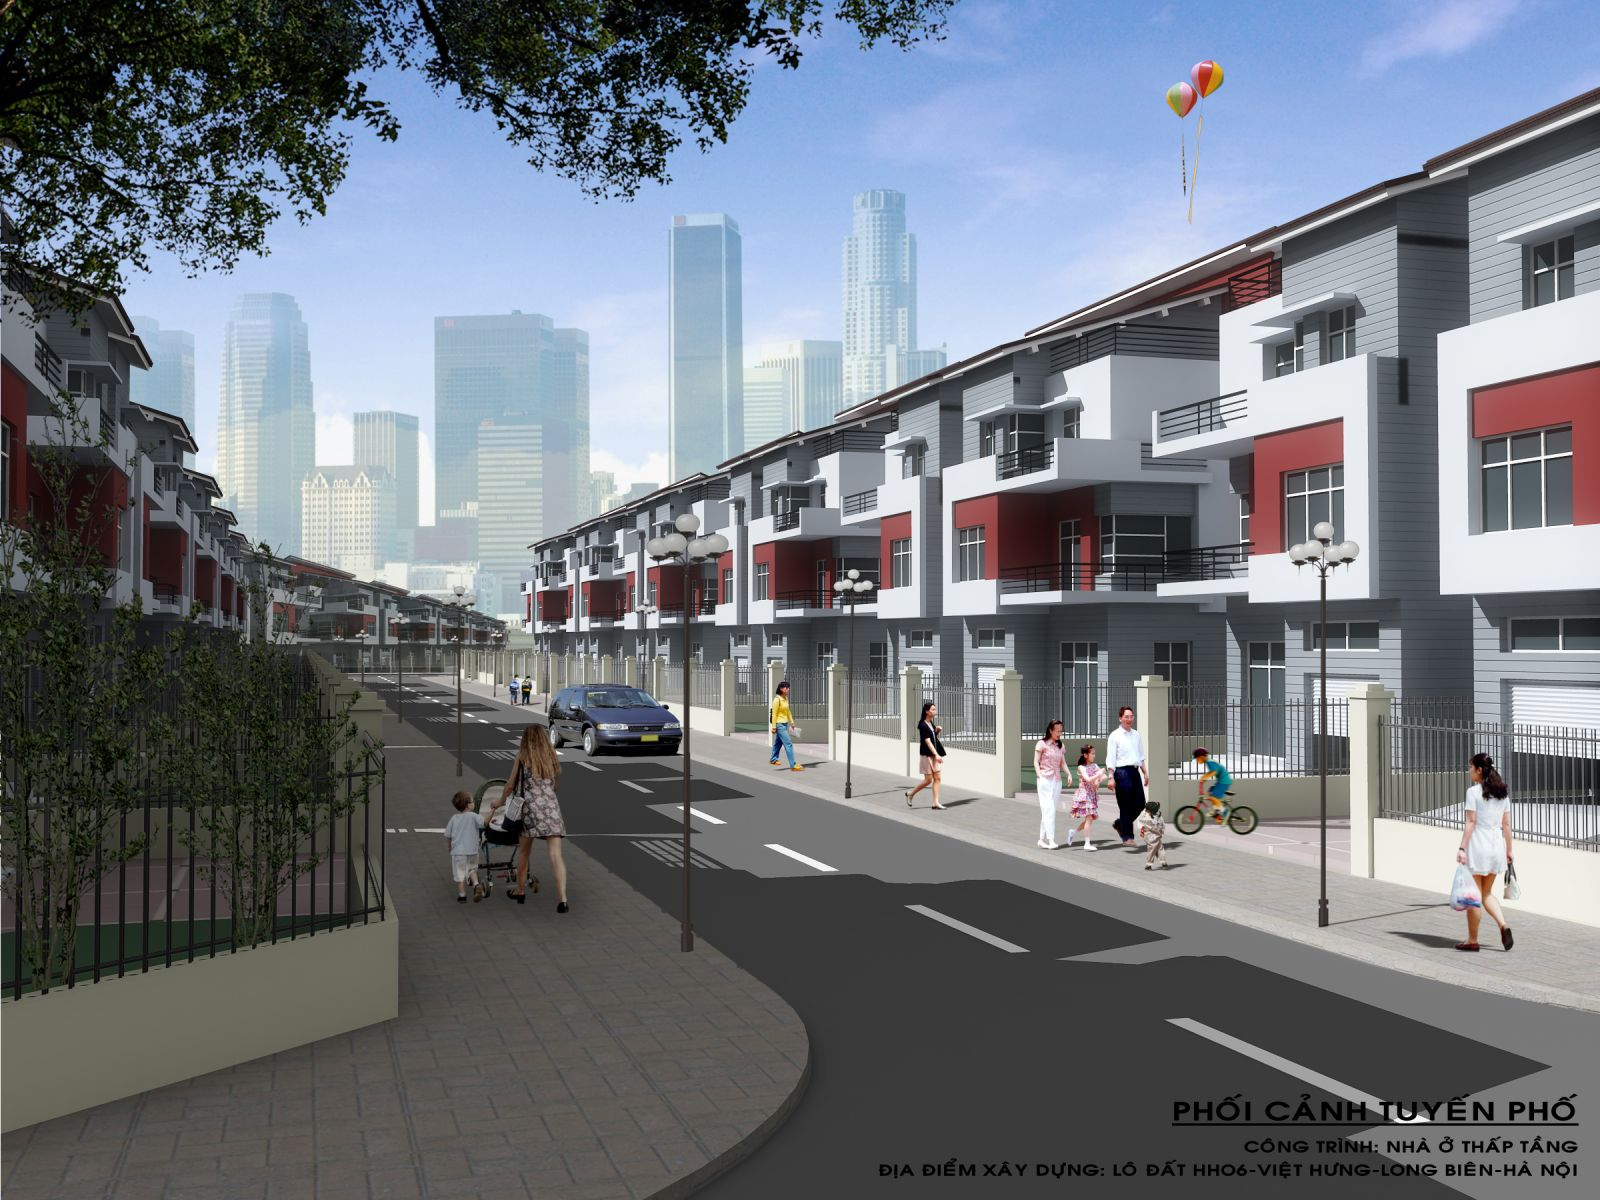 Dự án: Công trình nhà ở thấp tầng NO-06B